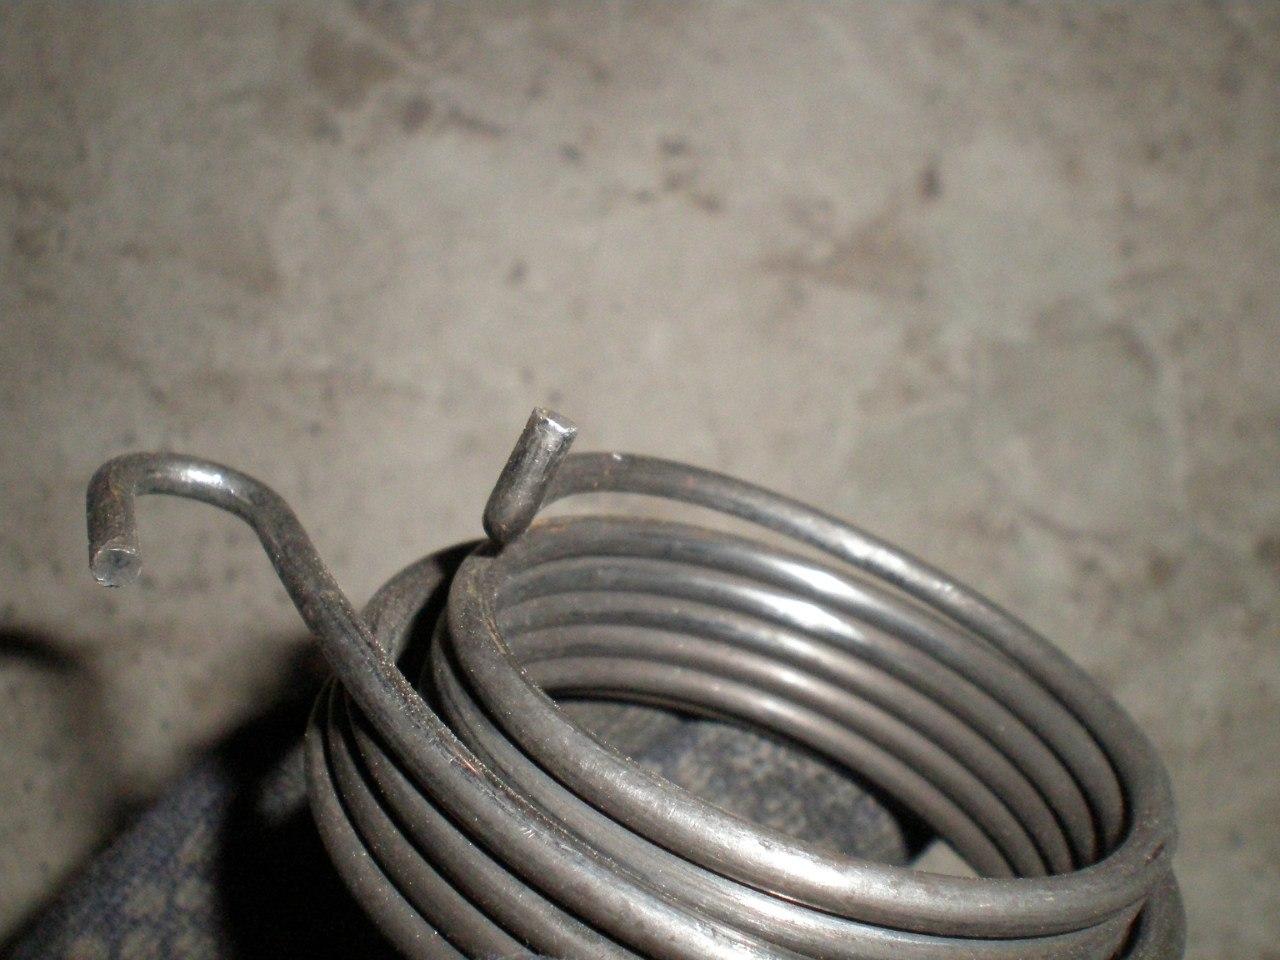 Как натянуть пружину кик стартера? Есть ответ.